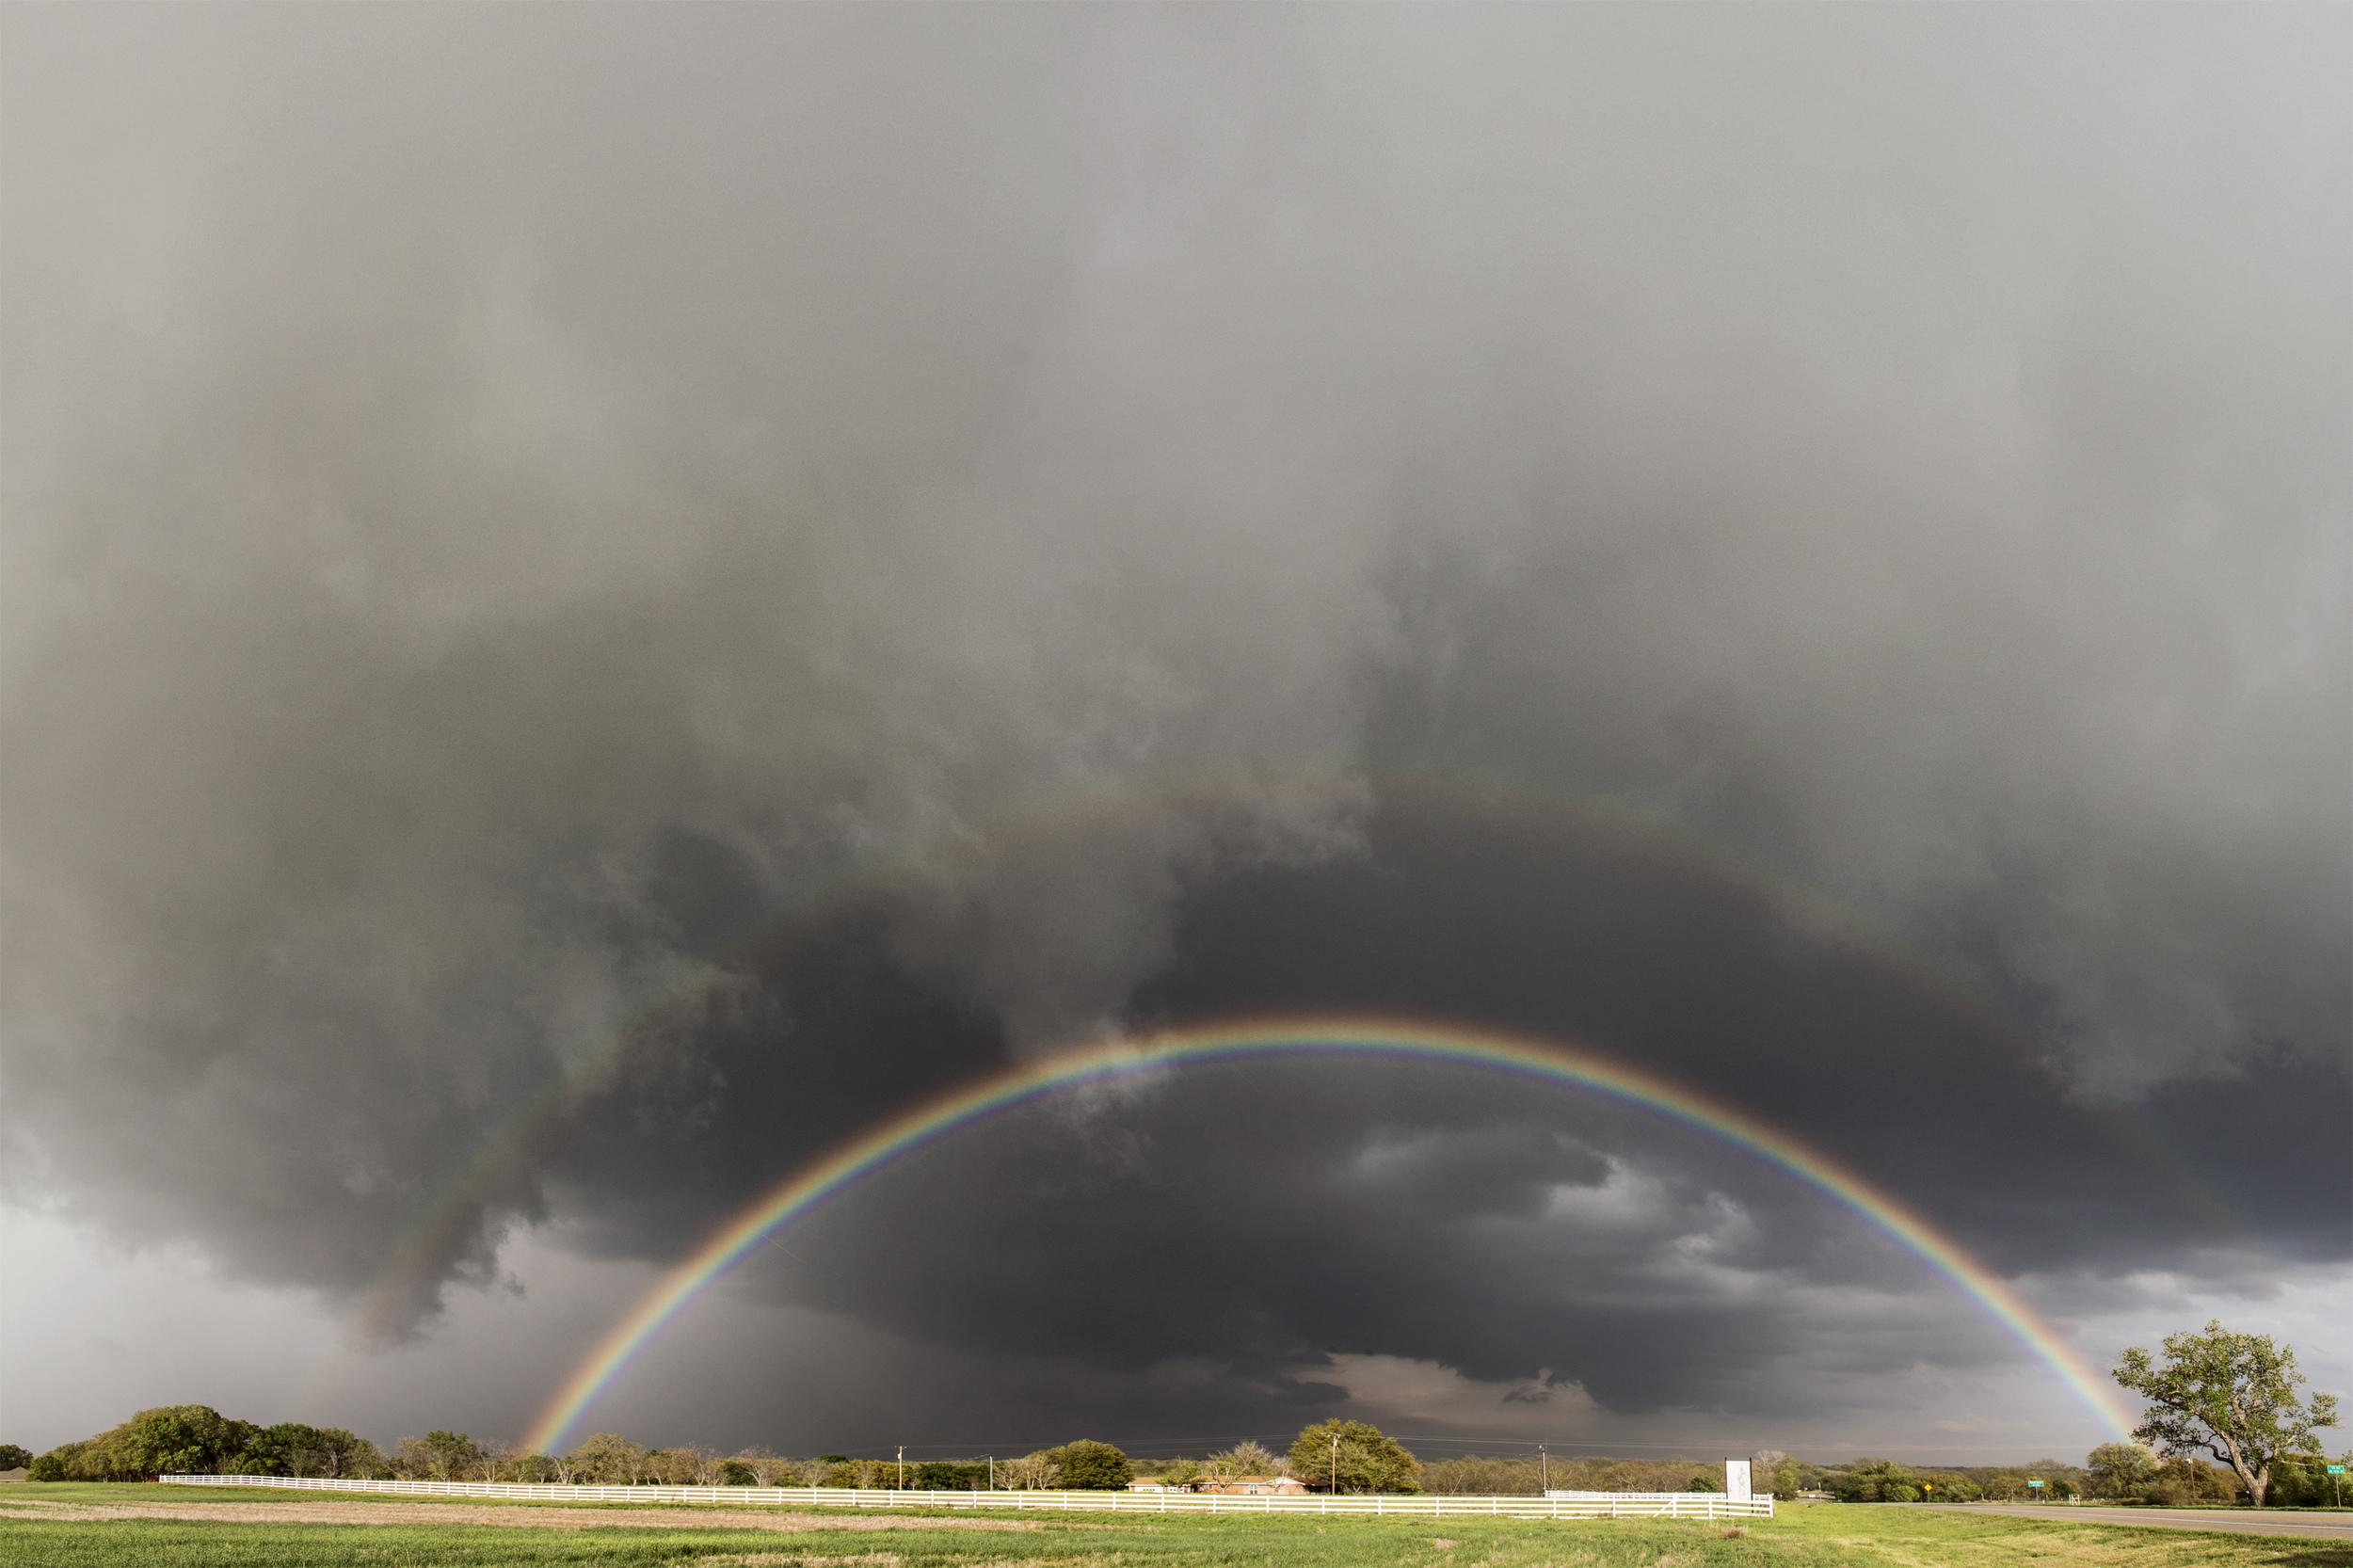 Wall Cloud and double rainbow near Dublin, Texas on April 1, 2014